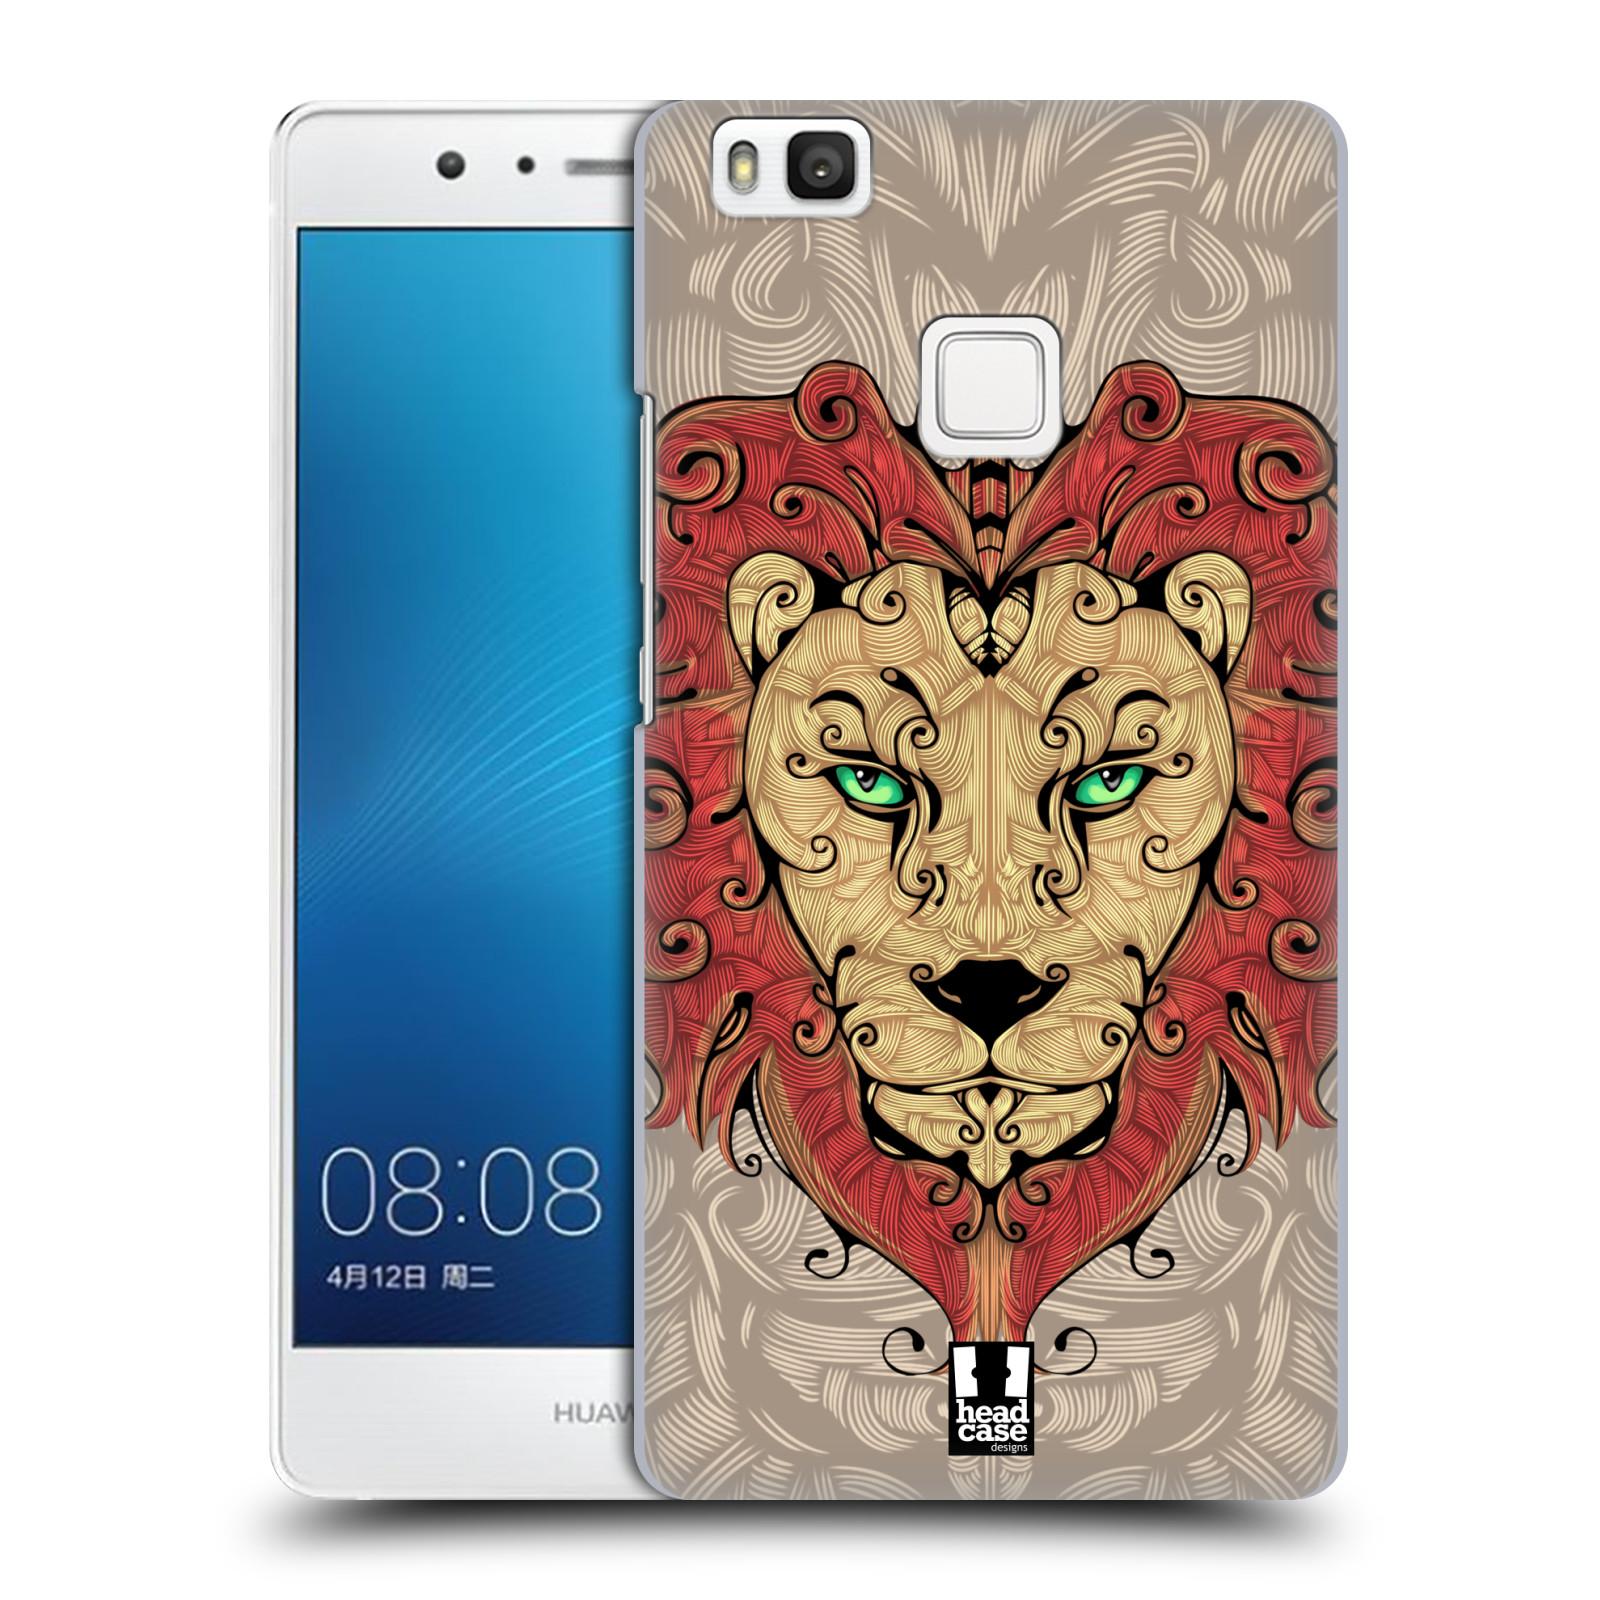 HEAD CASE plastový obal na mobil Huawei P9 LITE / P9 LITE DUAL SIM vzor kudrlinky zvíře lev